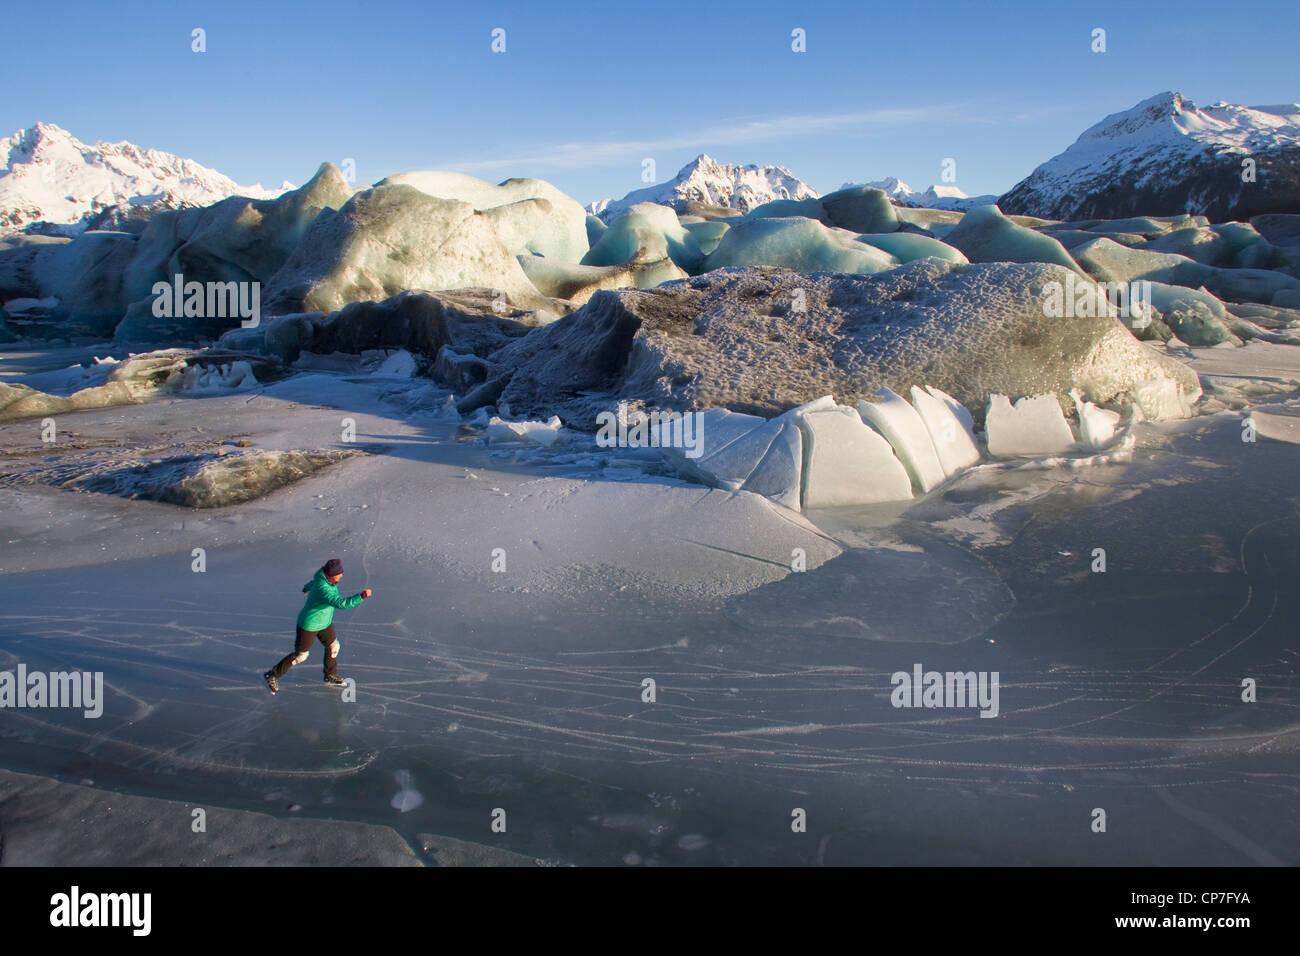 Woman ice skating among broken icebergs of Sheridan Glacier, Chugach Mountains near Cordova, Southcentral Alaska, - Stock Image